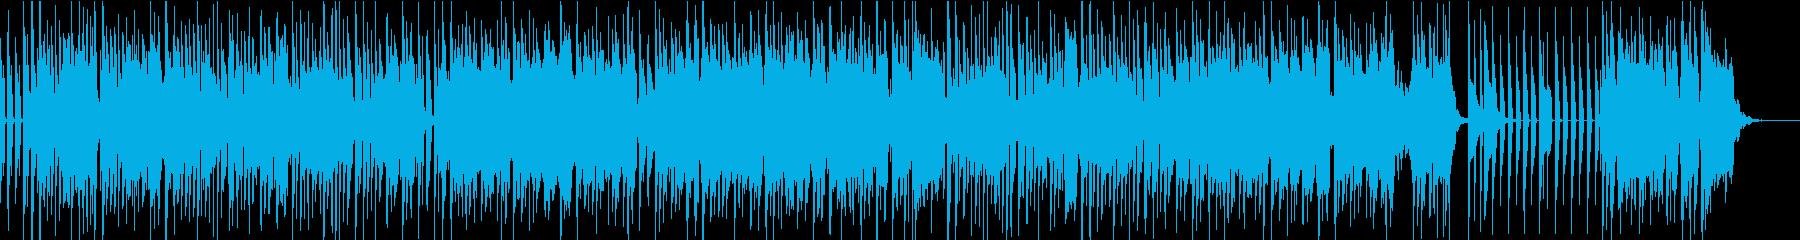 アーバン・ダンサブルポップスのカラオケの再生済みの波形